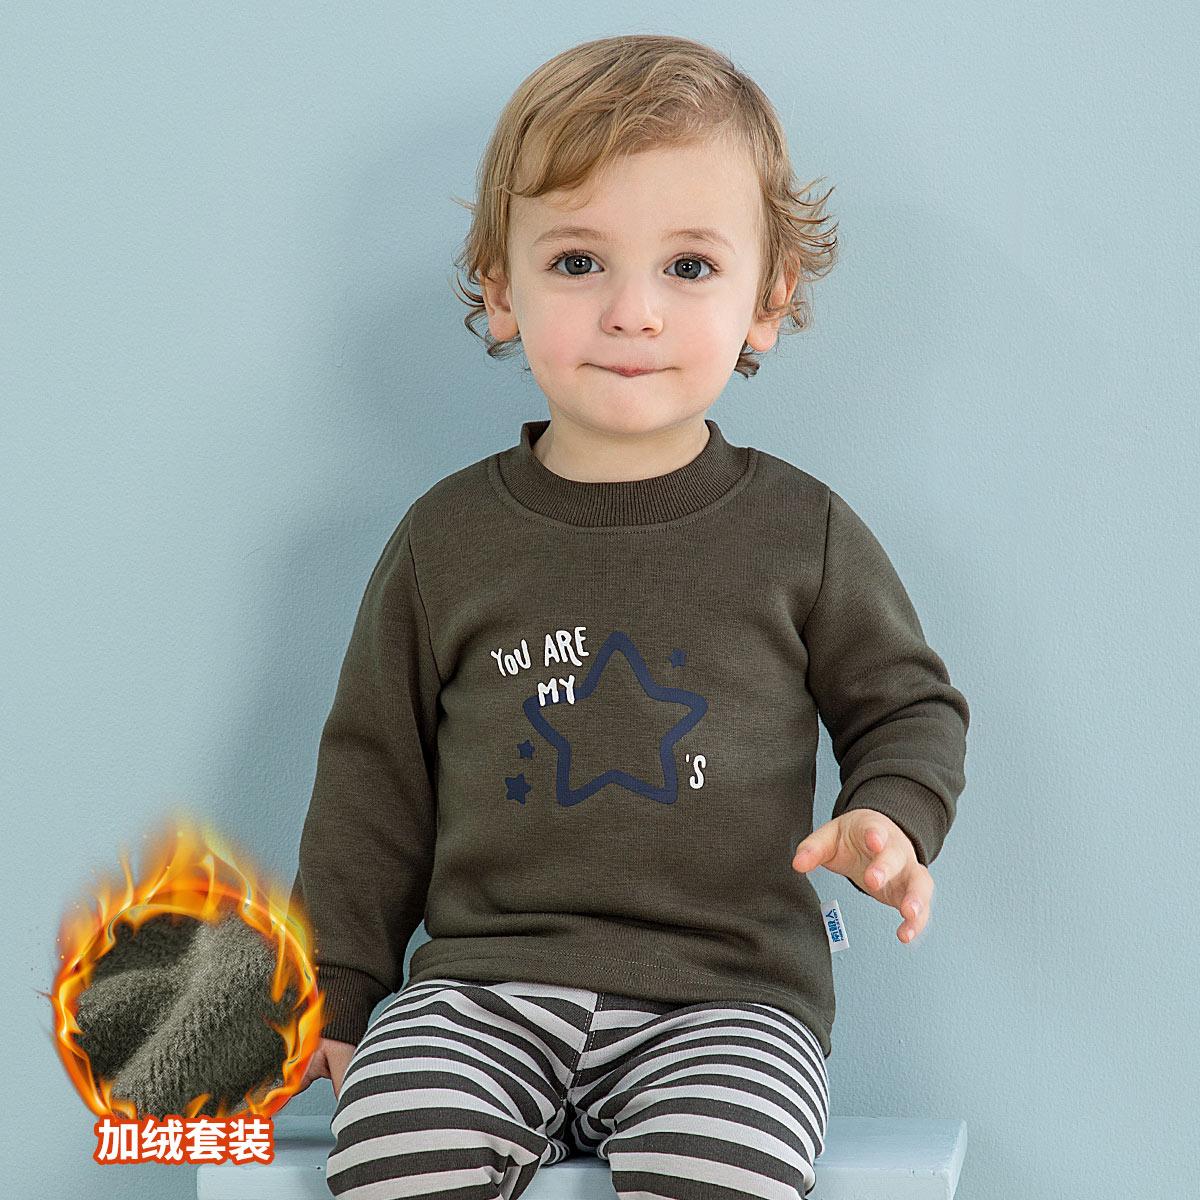 南极人南极人婴幼宝宝儿童内衣套加绒保暖秋冬婴幼儿内衣套装WN668T83023L3